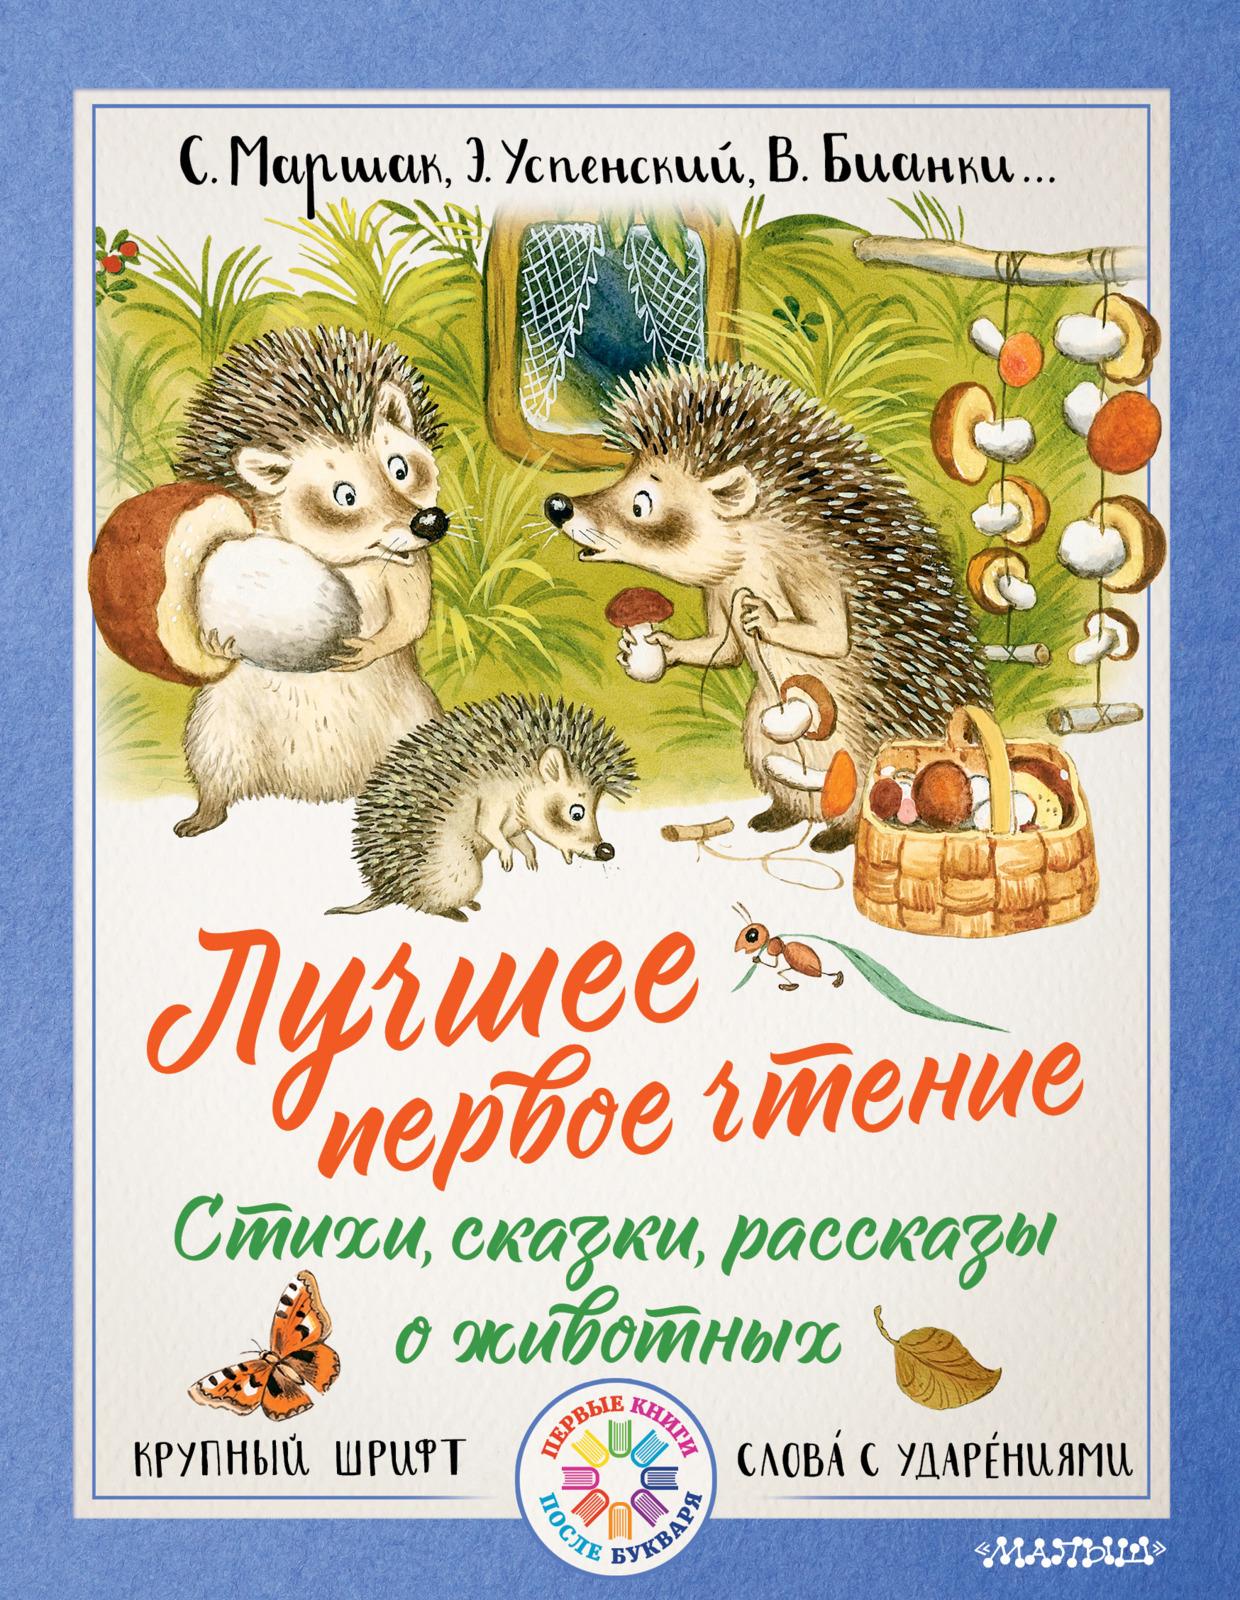 Лучшее первое чтение. Стихи, сказки, рассказы о животных пенал milan flowers blue 081130fwb 259010